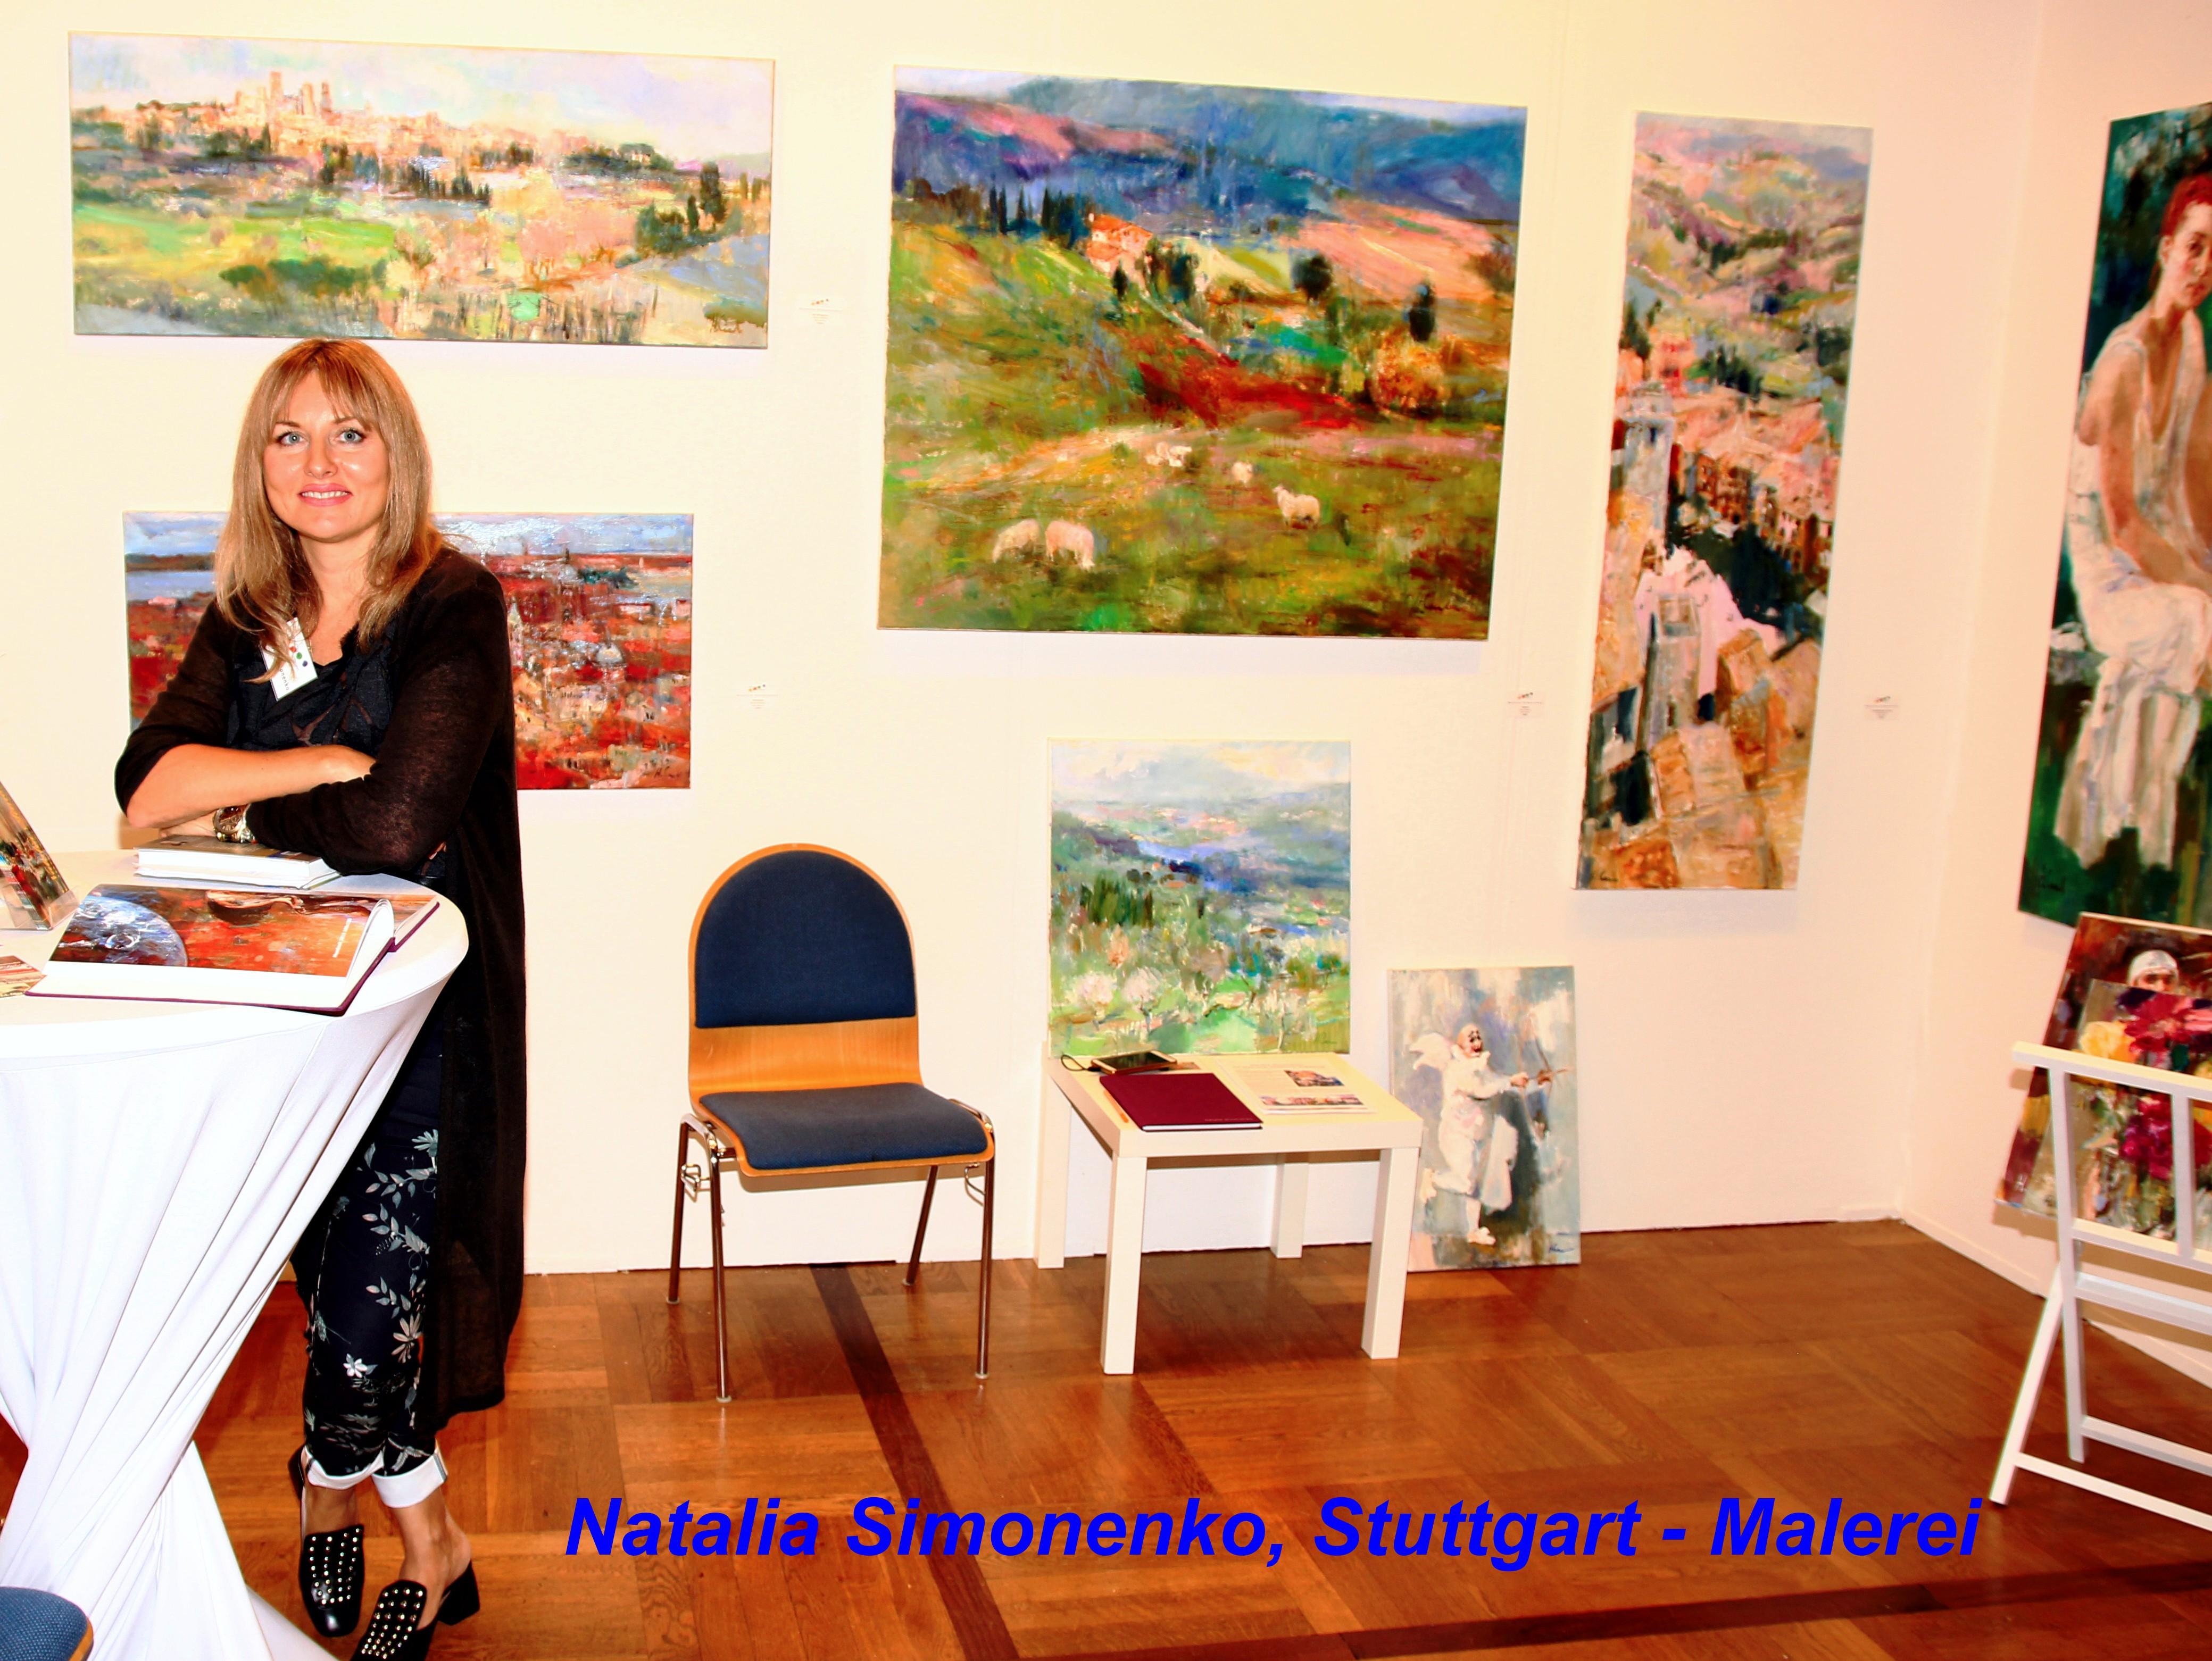 Matalia Simonenko, Stuttgart - Malerei